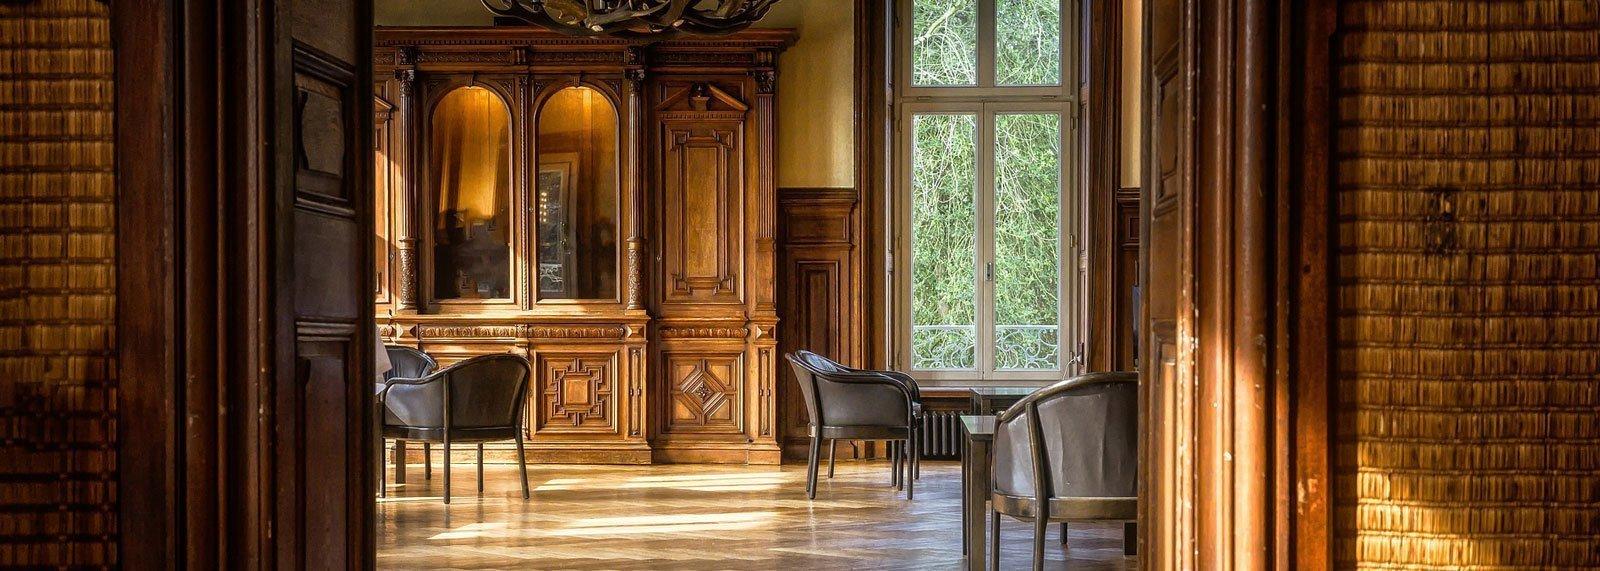 Wathelet Bois - Négociant bois et matériaux divers